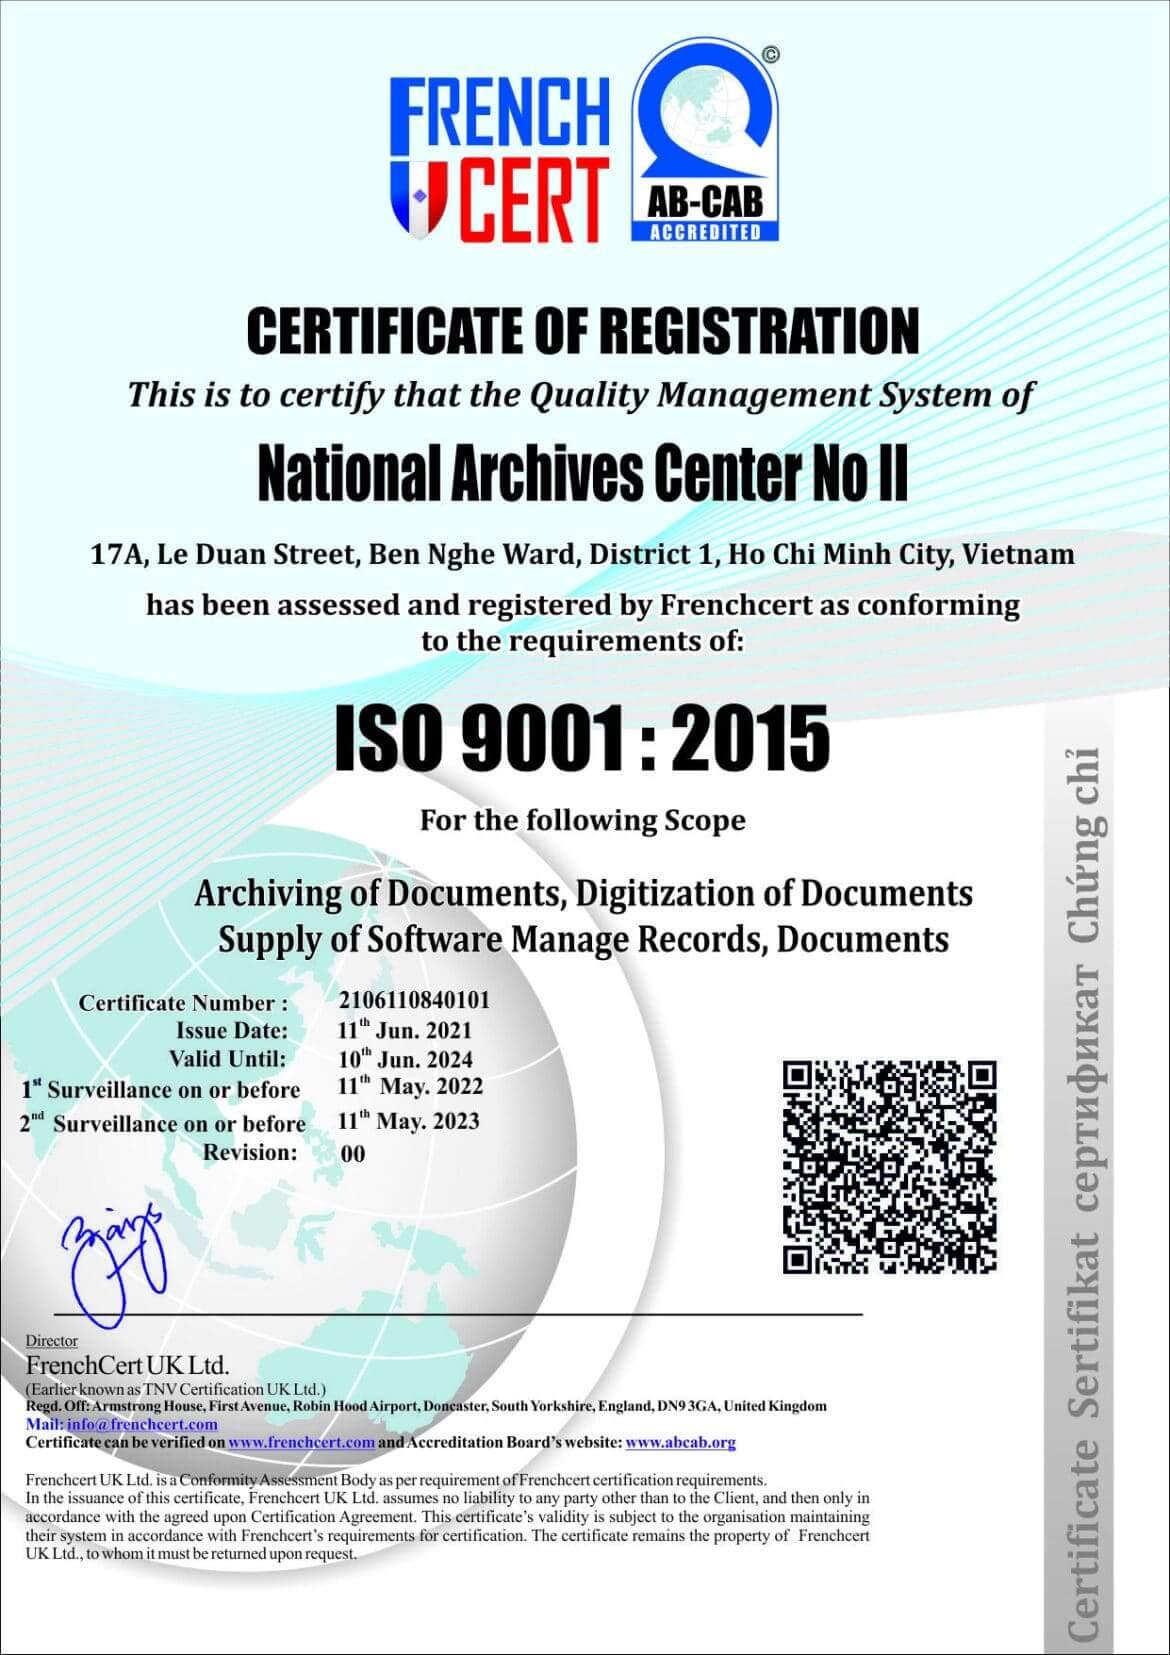 Trung tâm lưu trữ quốc gia II đạt giấy chứng nhận ISO 9001:2015